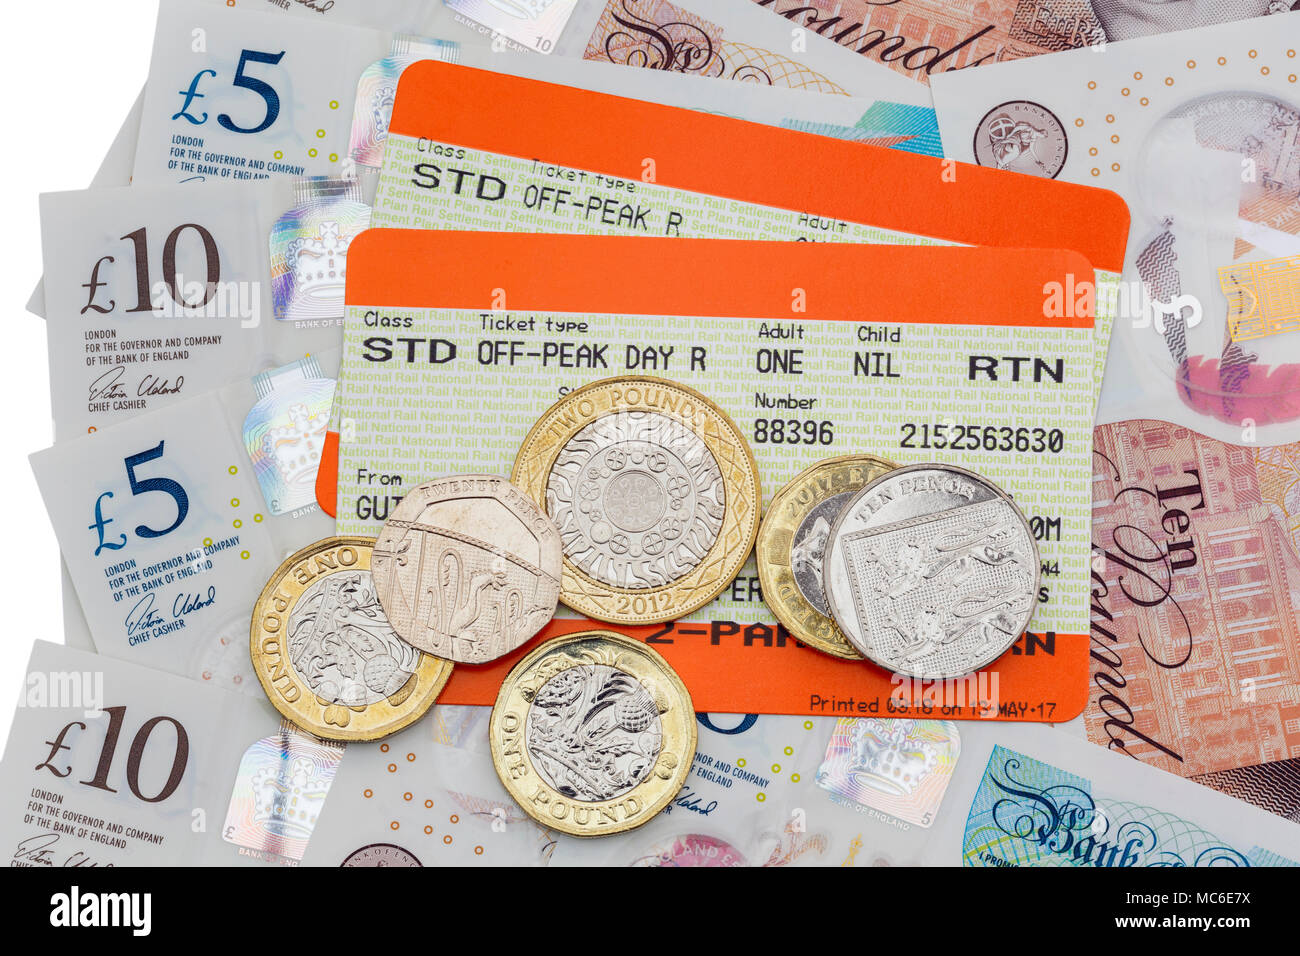 Zwei britische Bahn Tickets für Standard außerhalb der Hauptverkehrszeiten und Bahn mit neuen fünf und zehn Pfund Pfund Noten und Münzen zurück. England Großbritannien Großbritannien Stockbild